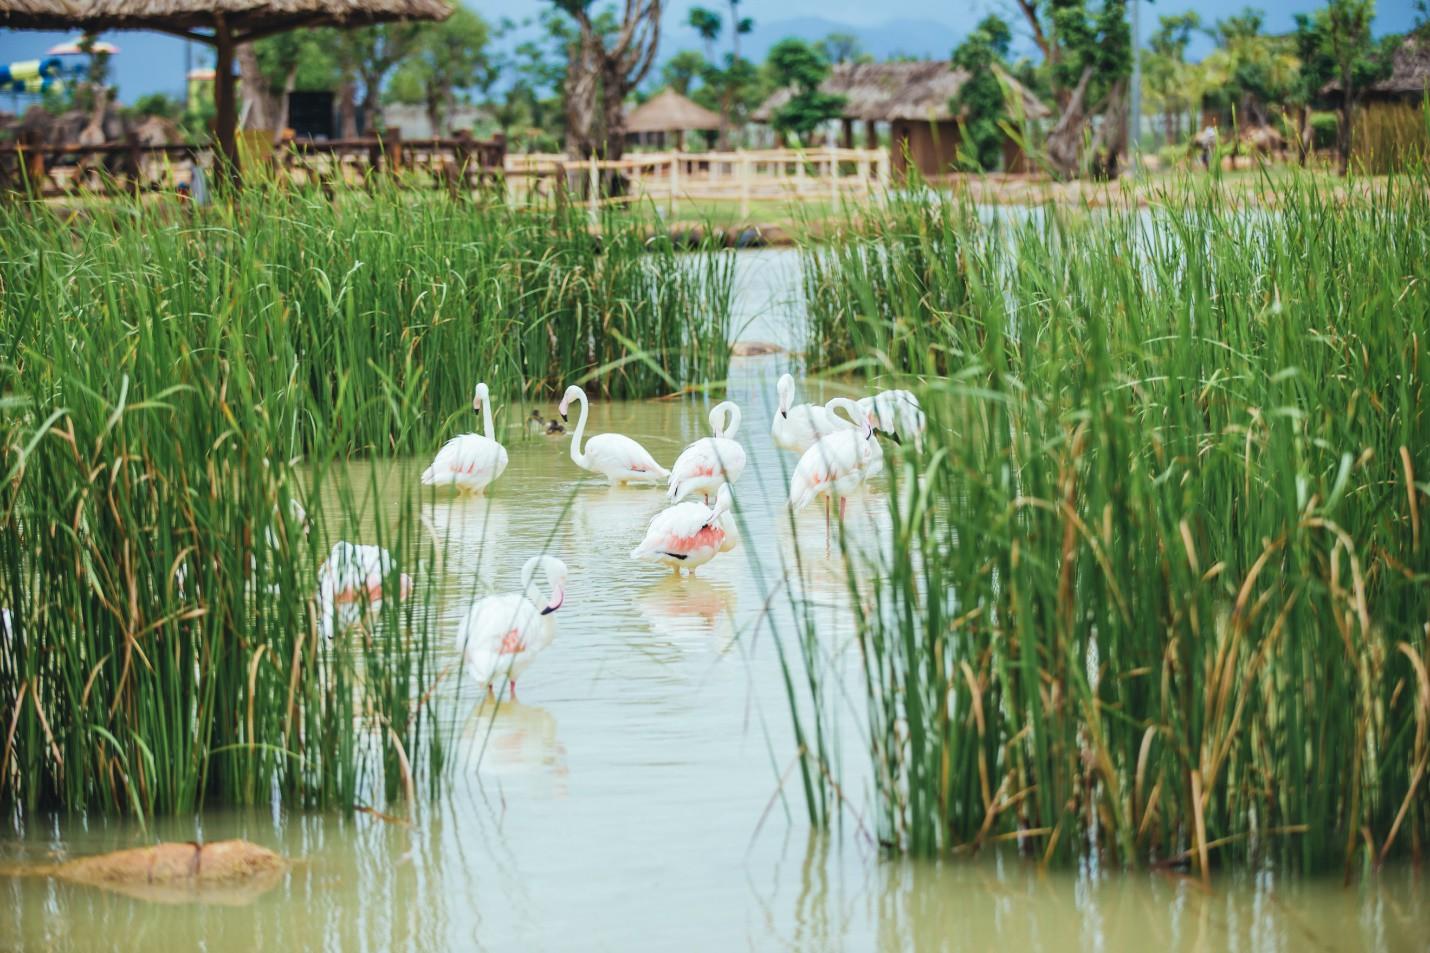 Một vòng khám phá River Safari - Công viên bảo tồn động vật hoang dã trên sông tại Hội An - Ảnh 5.